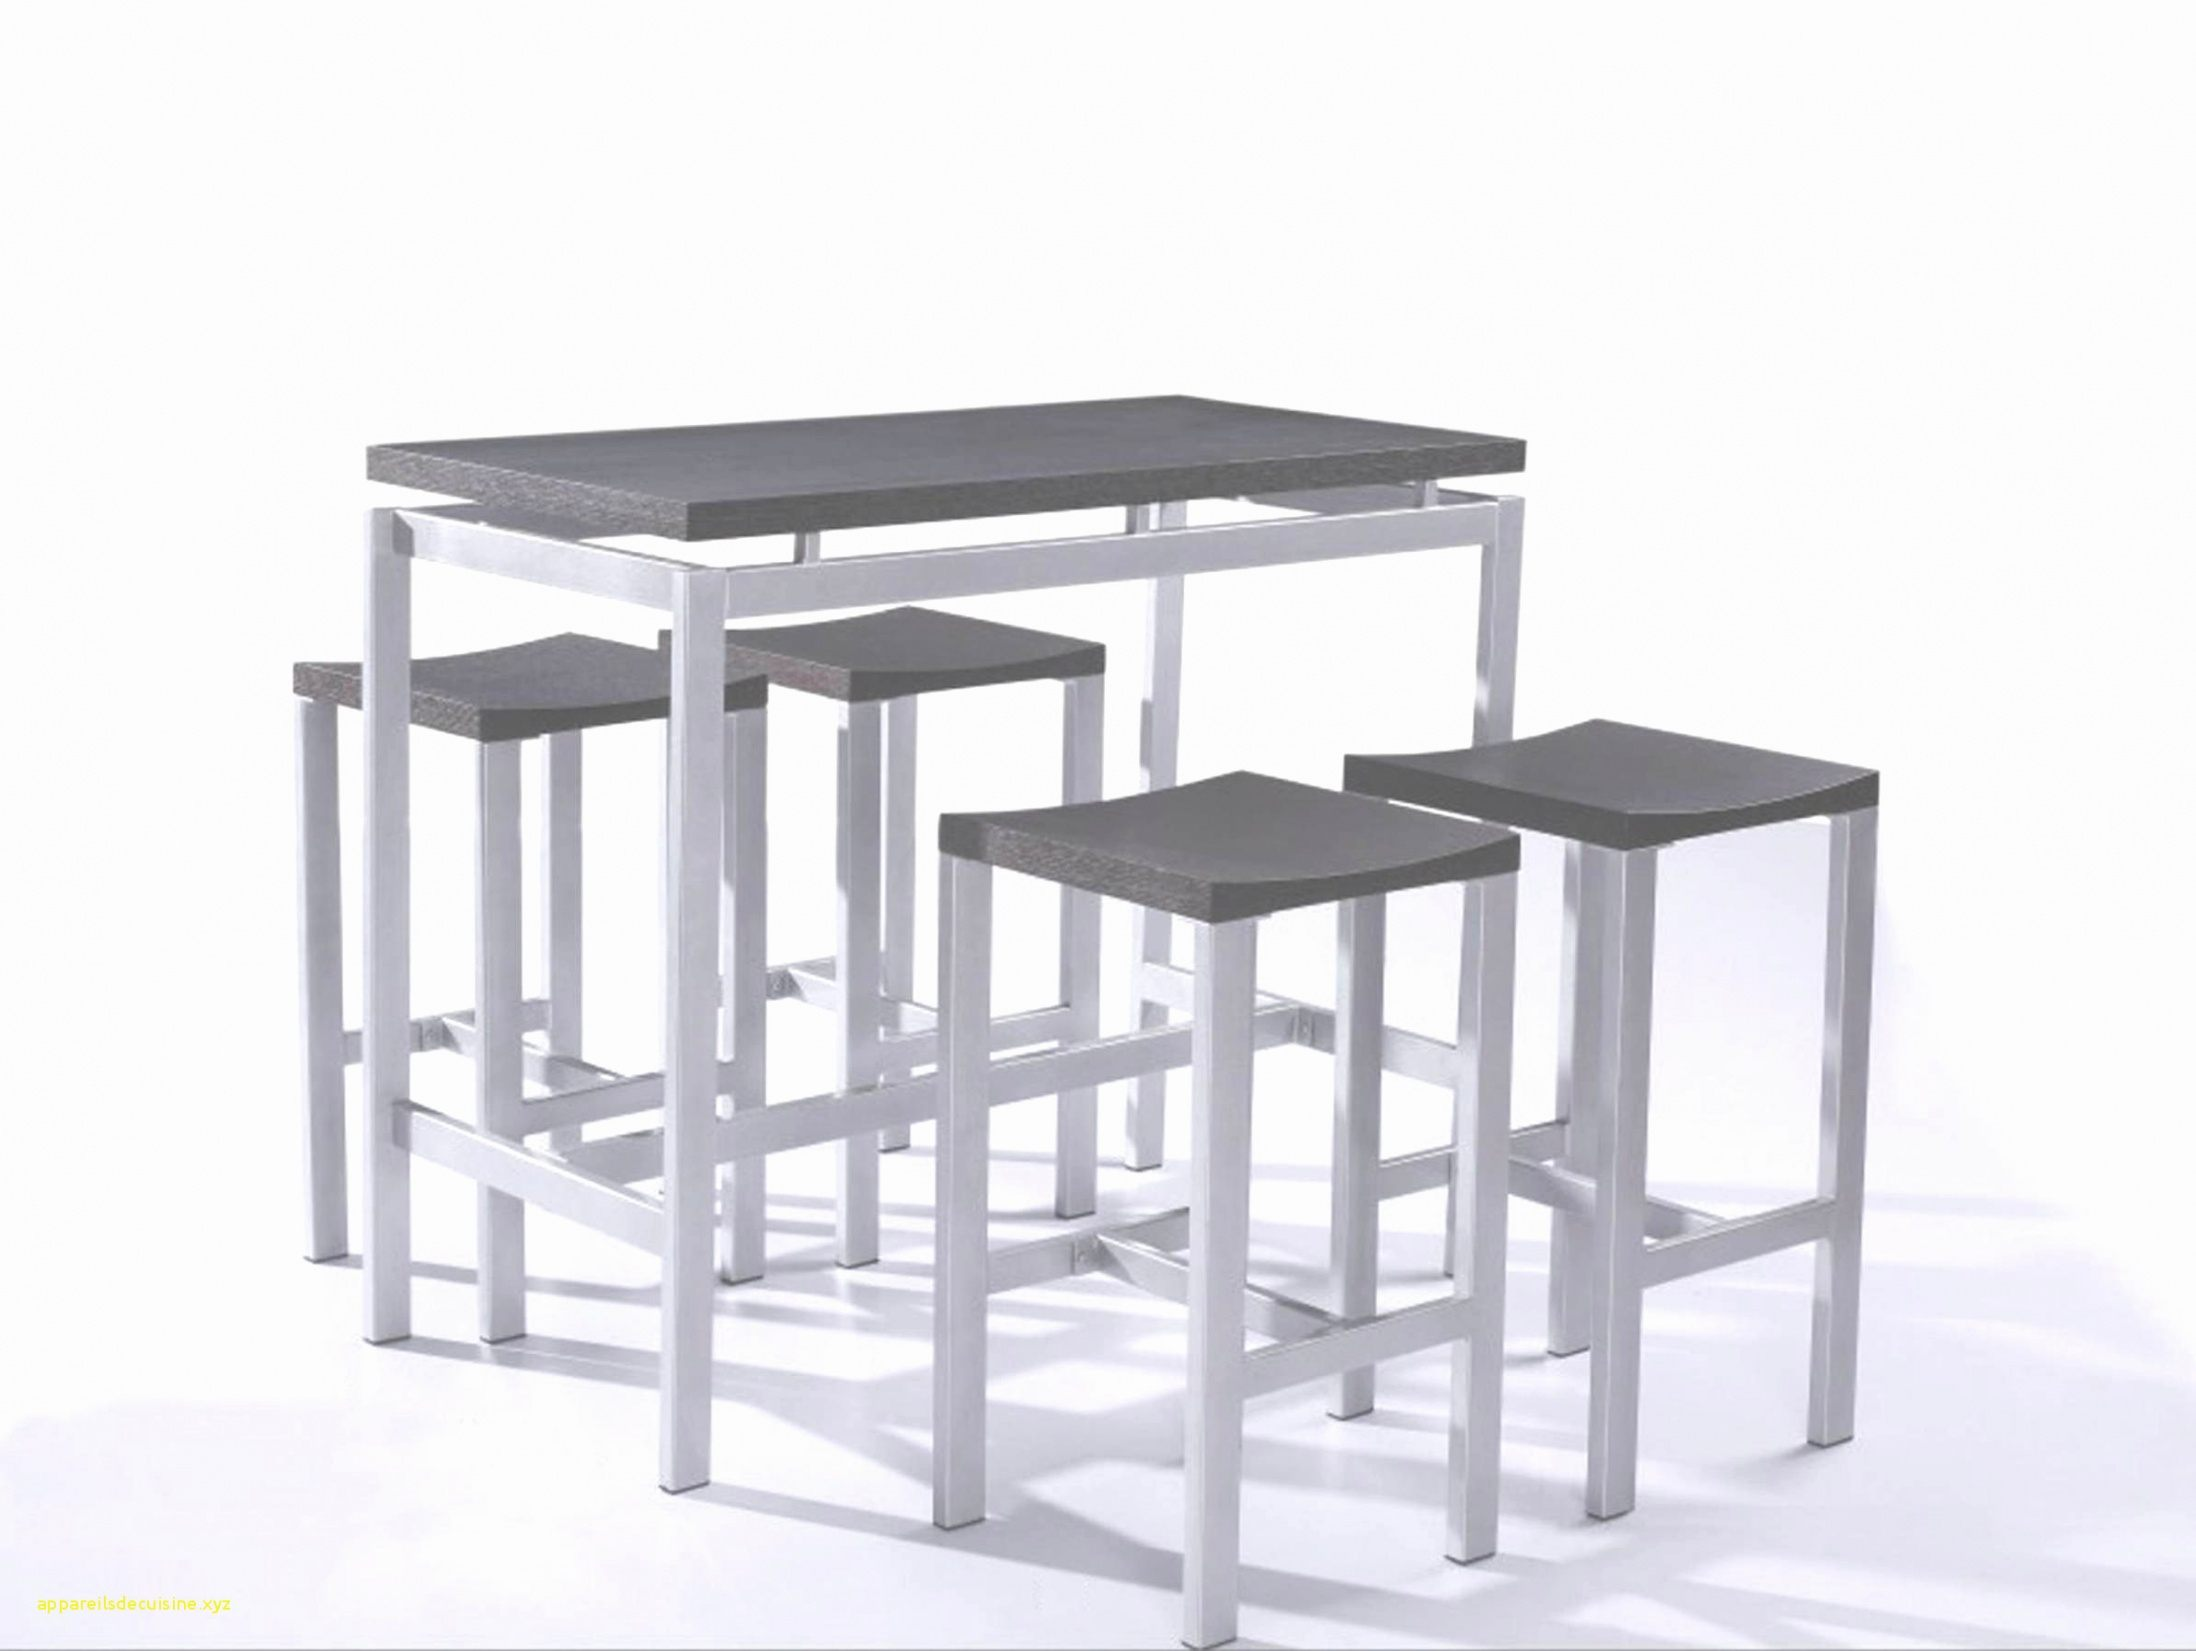 Lit Pliant Bois Frais Juste Table Jardin Metal Ronde  Table Bois Brut Elegant Table Bois